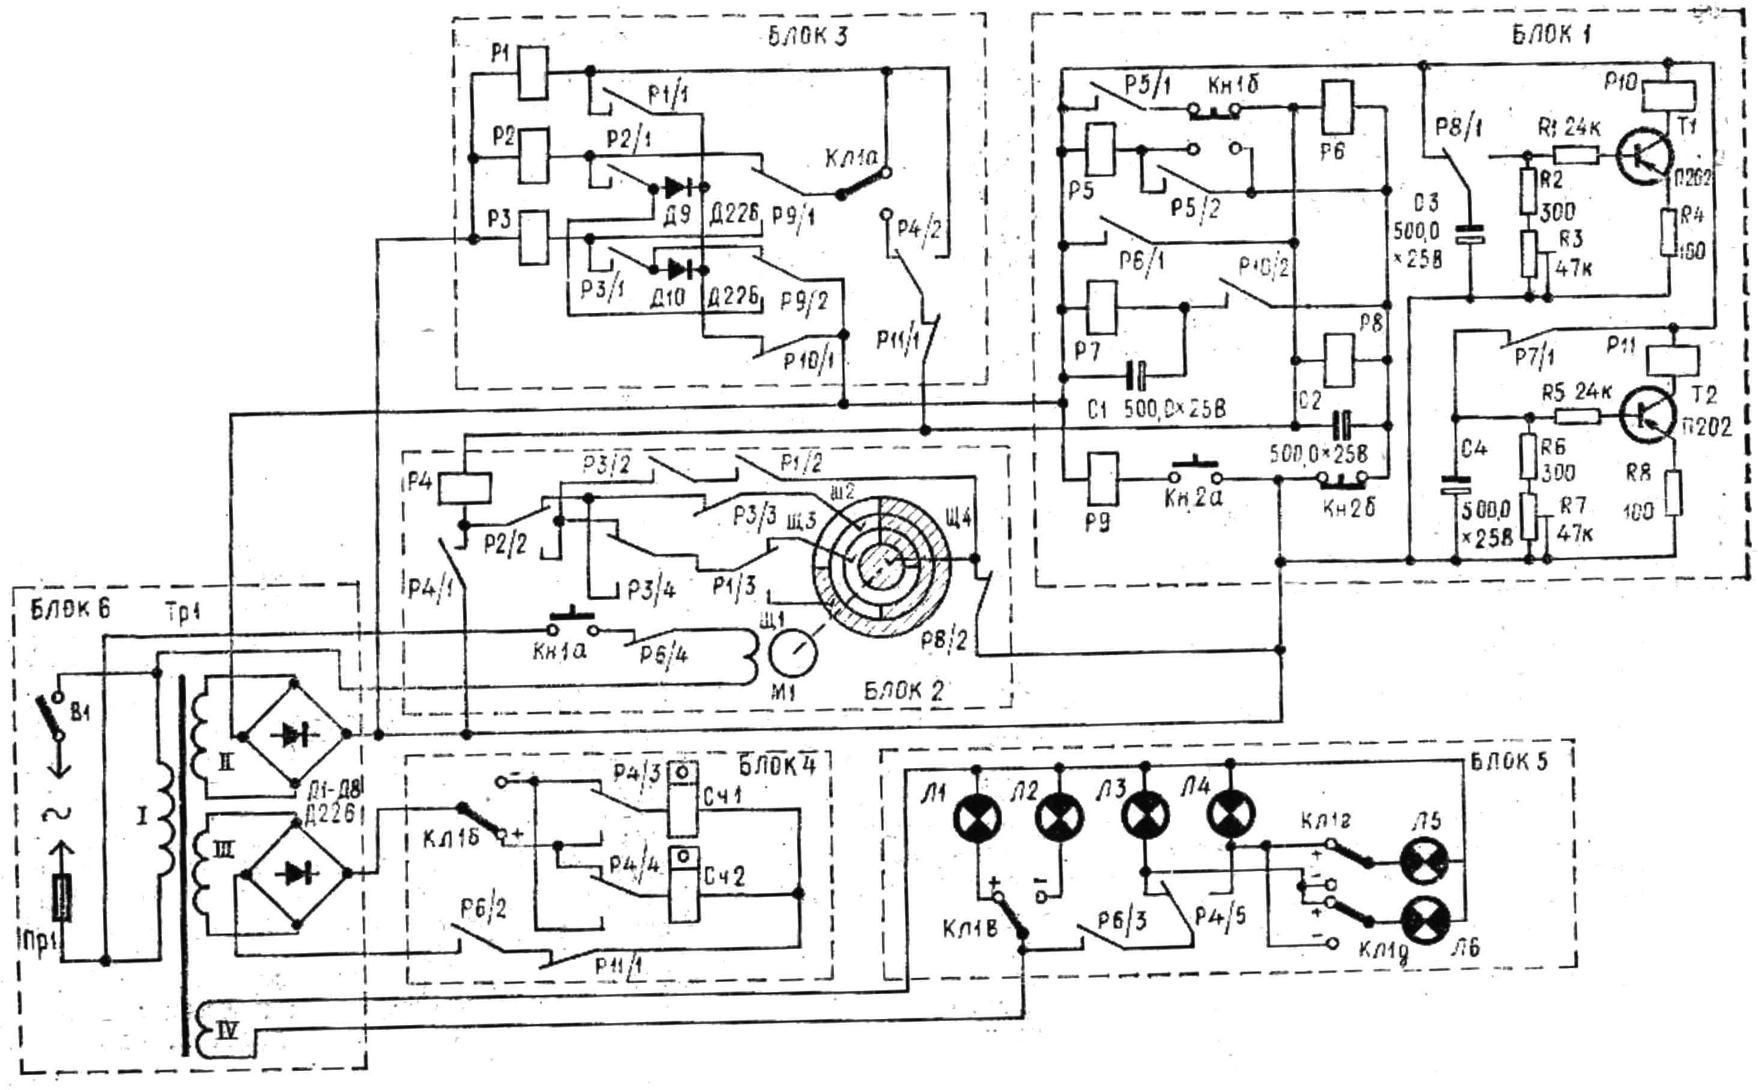 Рис. 1. Принципиальная схема модели игрового автомата.